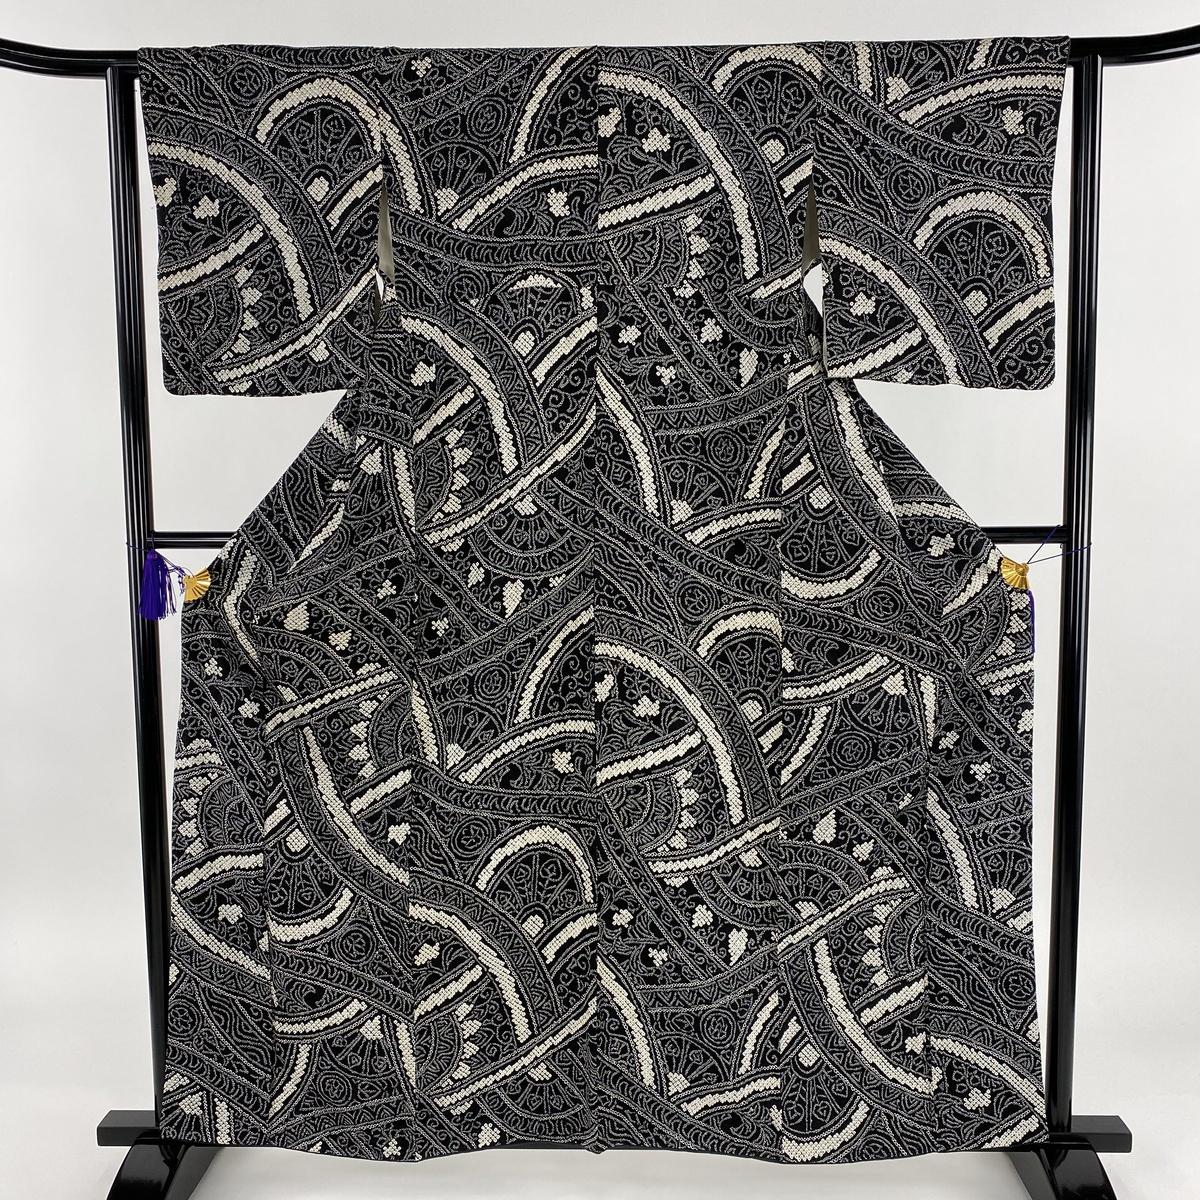 小紋 美品 名品 幾何学 絞り 黒 袷 身丈160cm 裄丈62cm S 正絹 【中古】